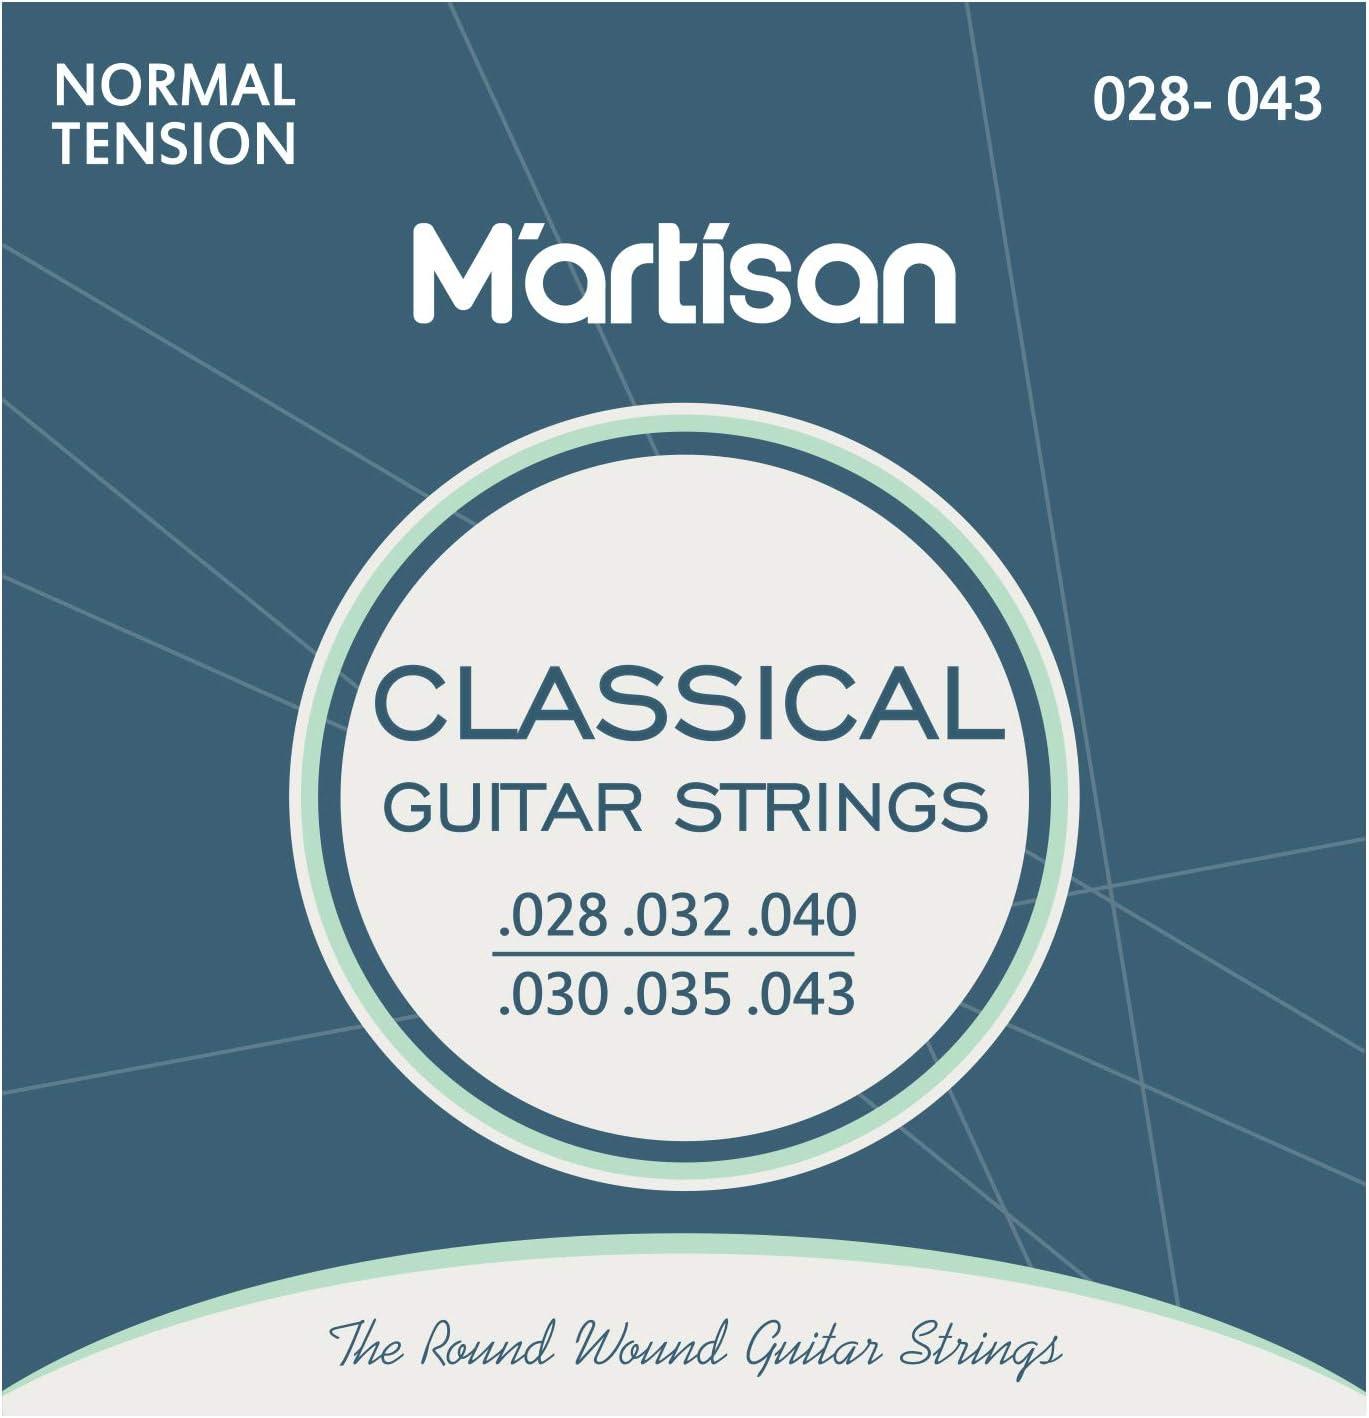 MARTISAN Cuerdas para Guitarra Clásica (.028-.043) para guitarra clásica, española, flamenca y guitarra acústica (lote de 6 cuerdas) con 3 púas para guitarra